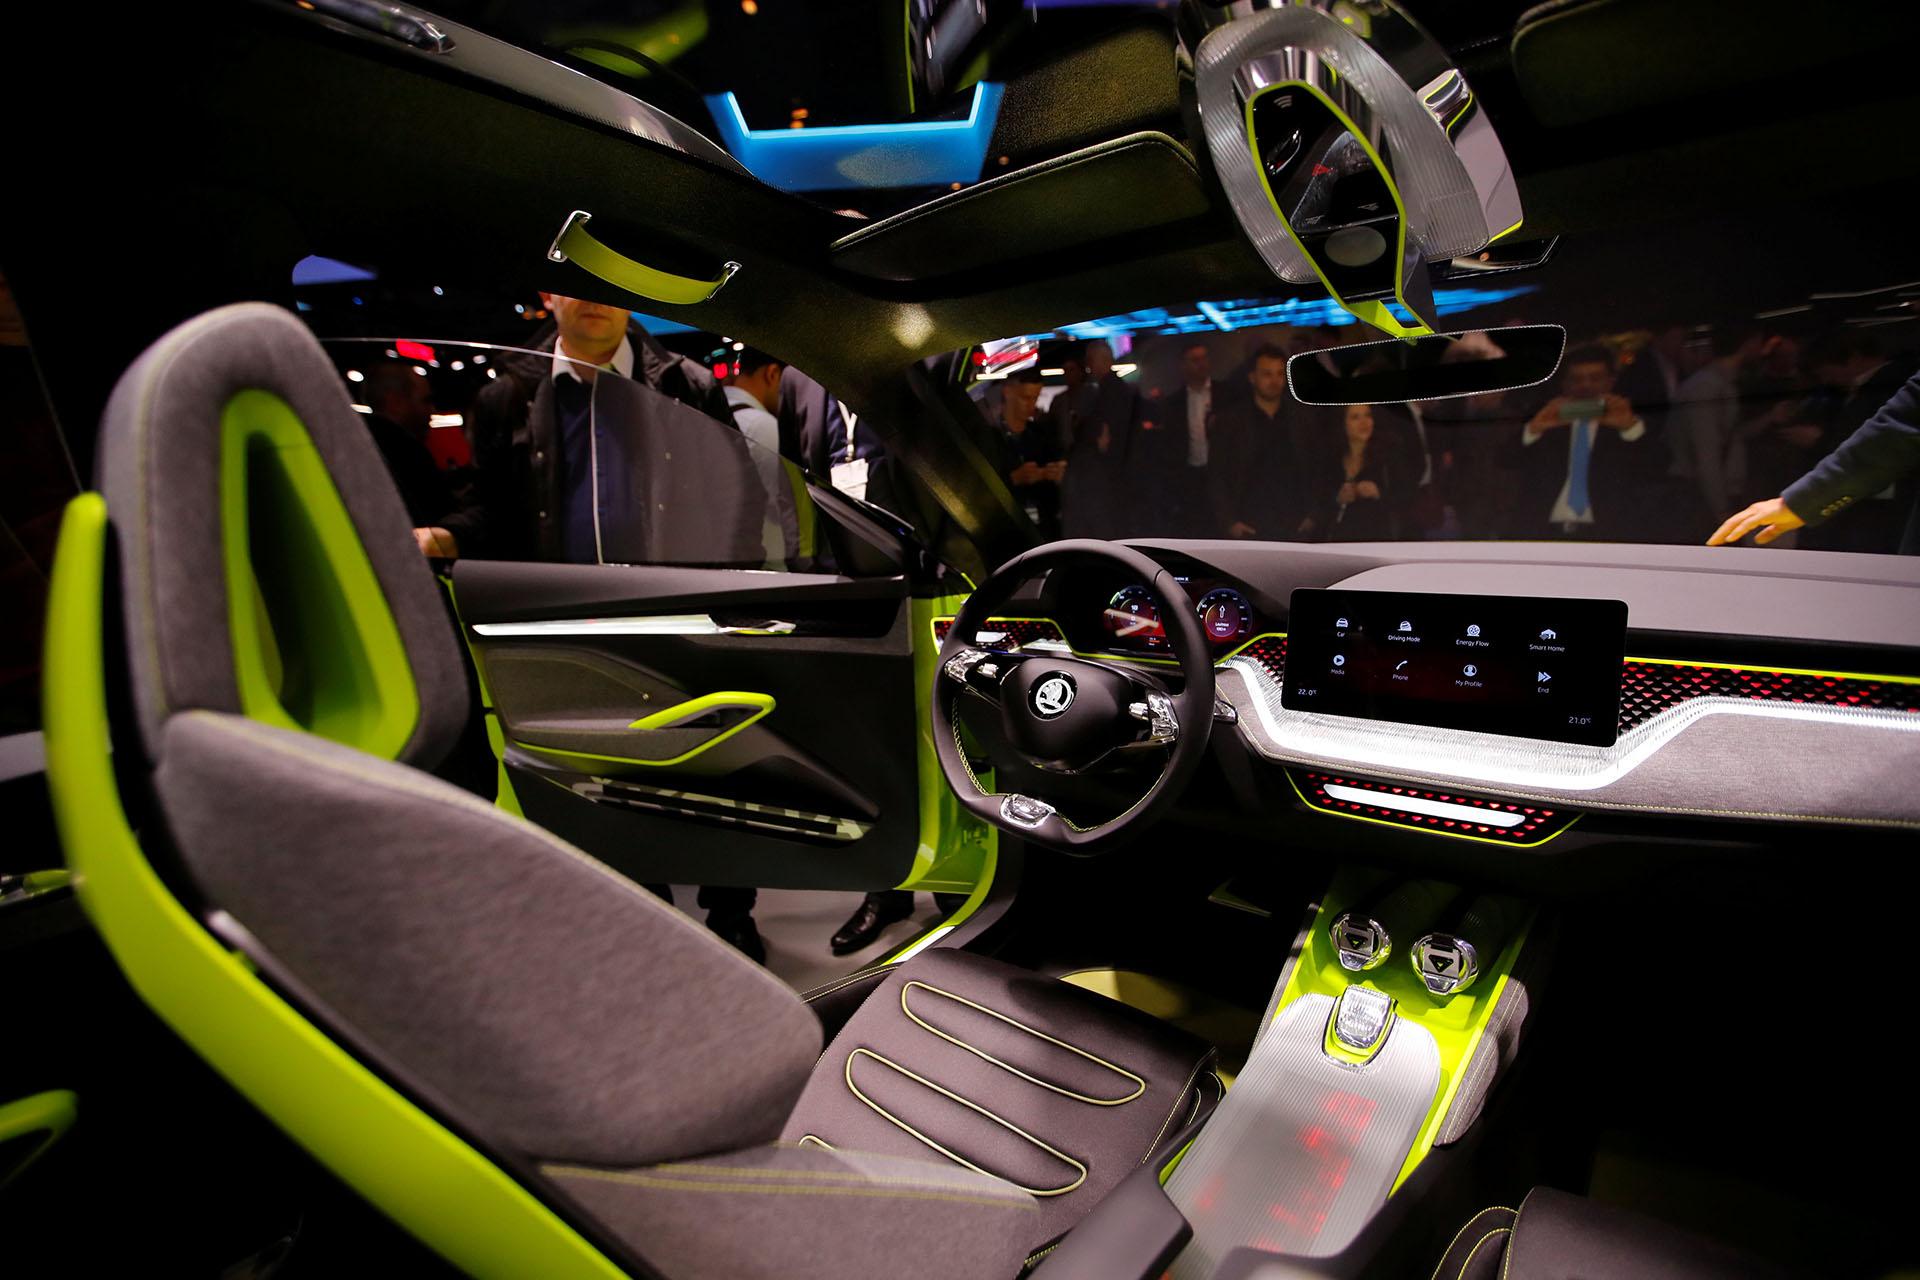 El Vision X de Skoda completa se convierte en el tercer miembro de la familia SUV de la compañía con sede en Mladá Boleslav, ciudad de la República Checa. El crossover urbano se lanzará al mercado en 2019, pero en Ginebra dejó ver un interior con líneas futuristas